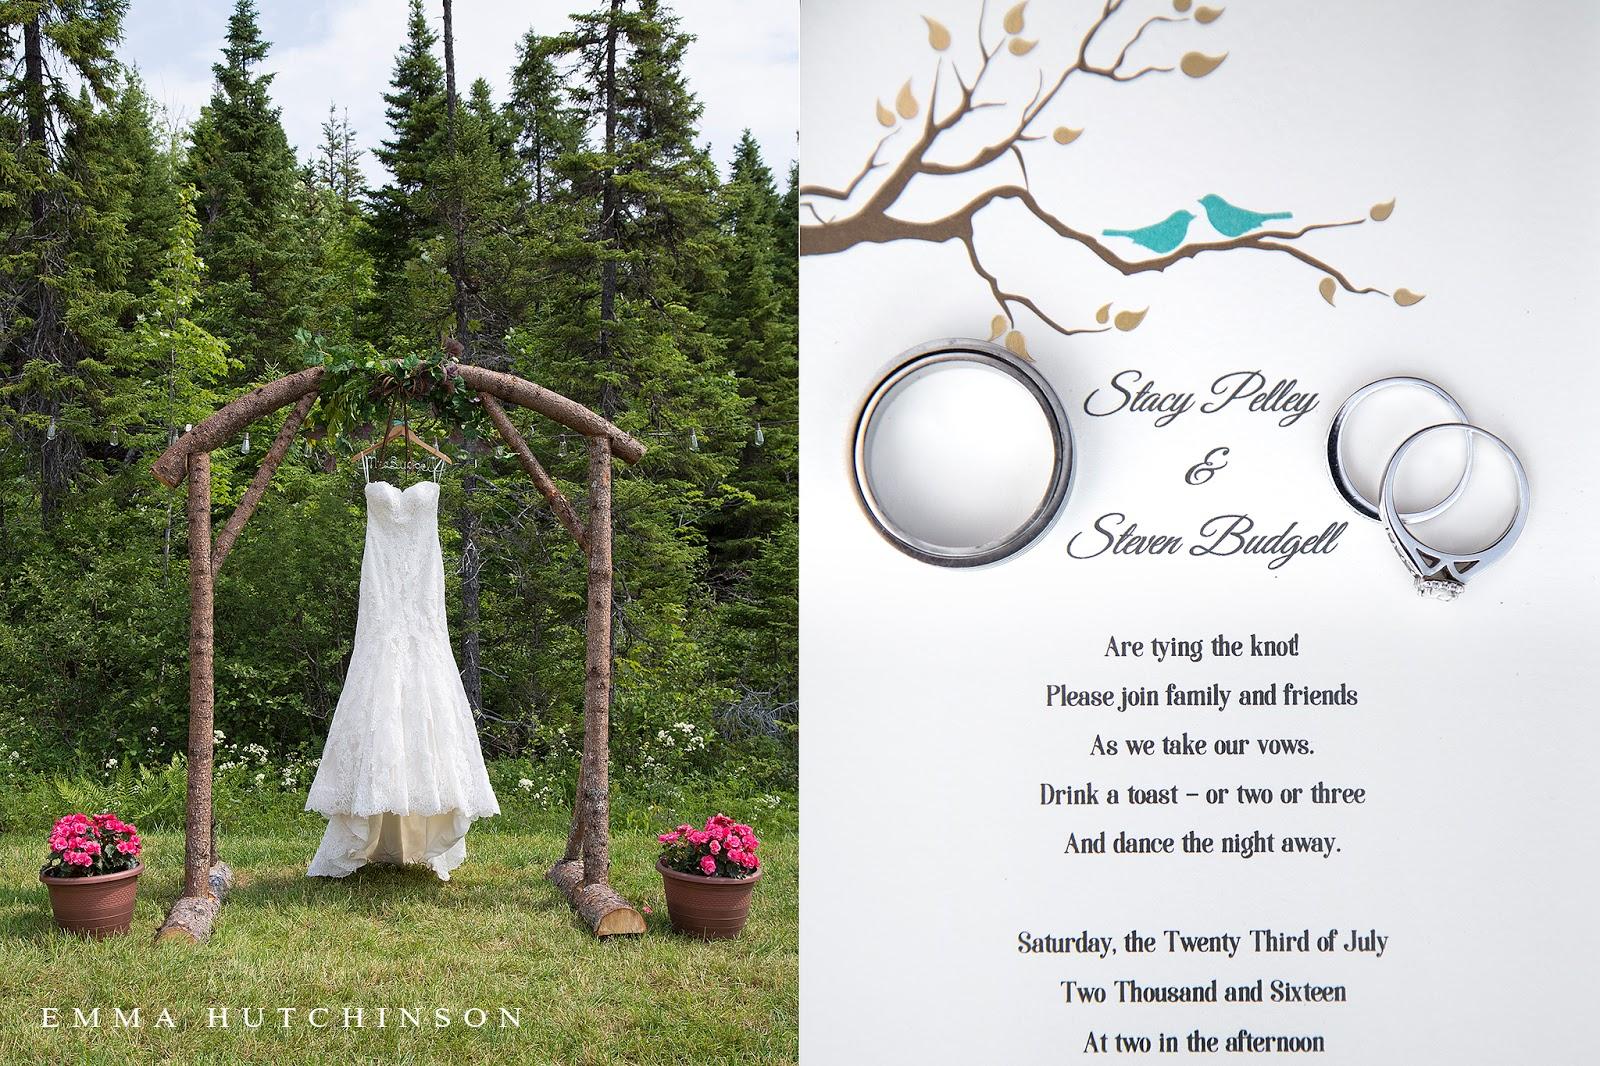 Newfoundland backyard wedding - DIY wood arch